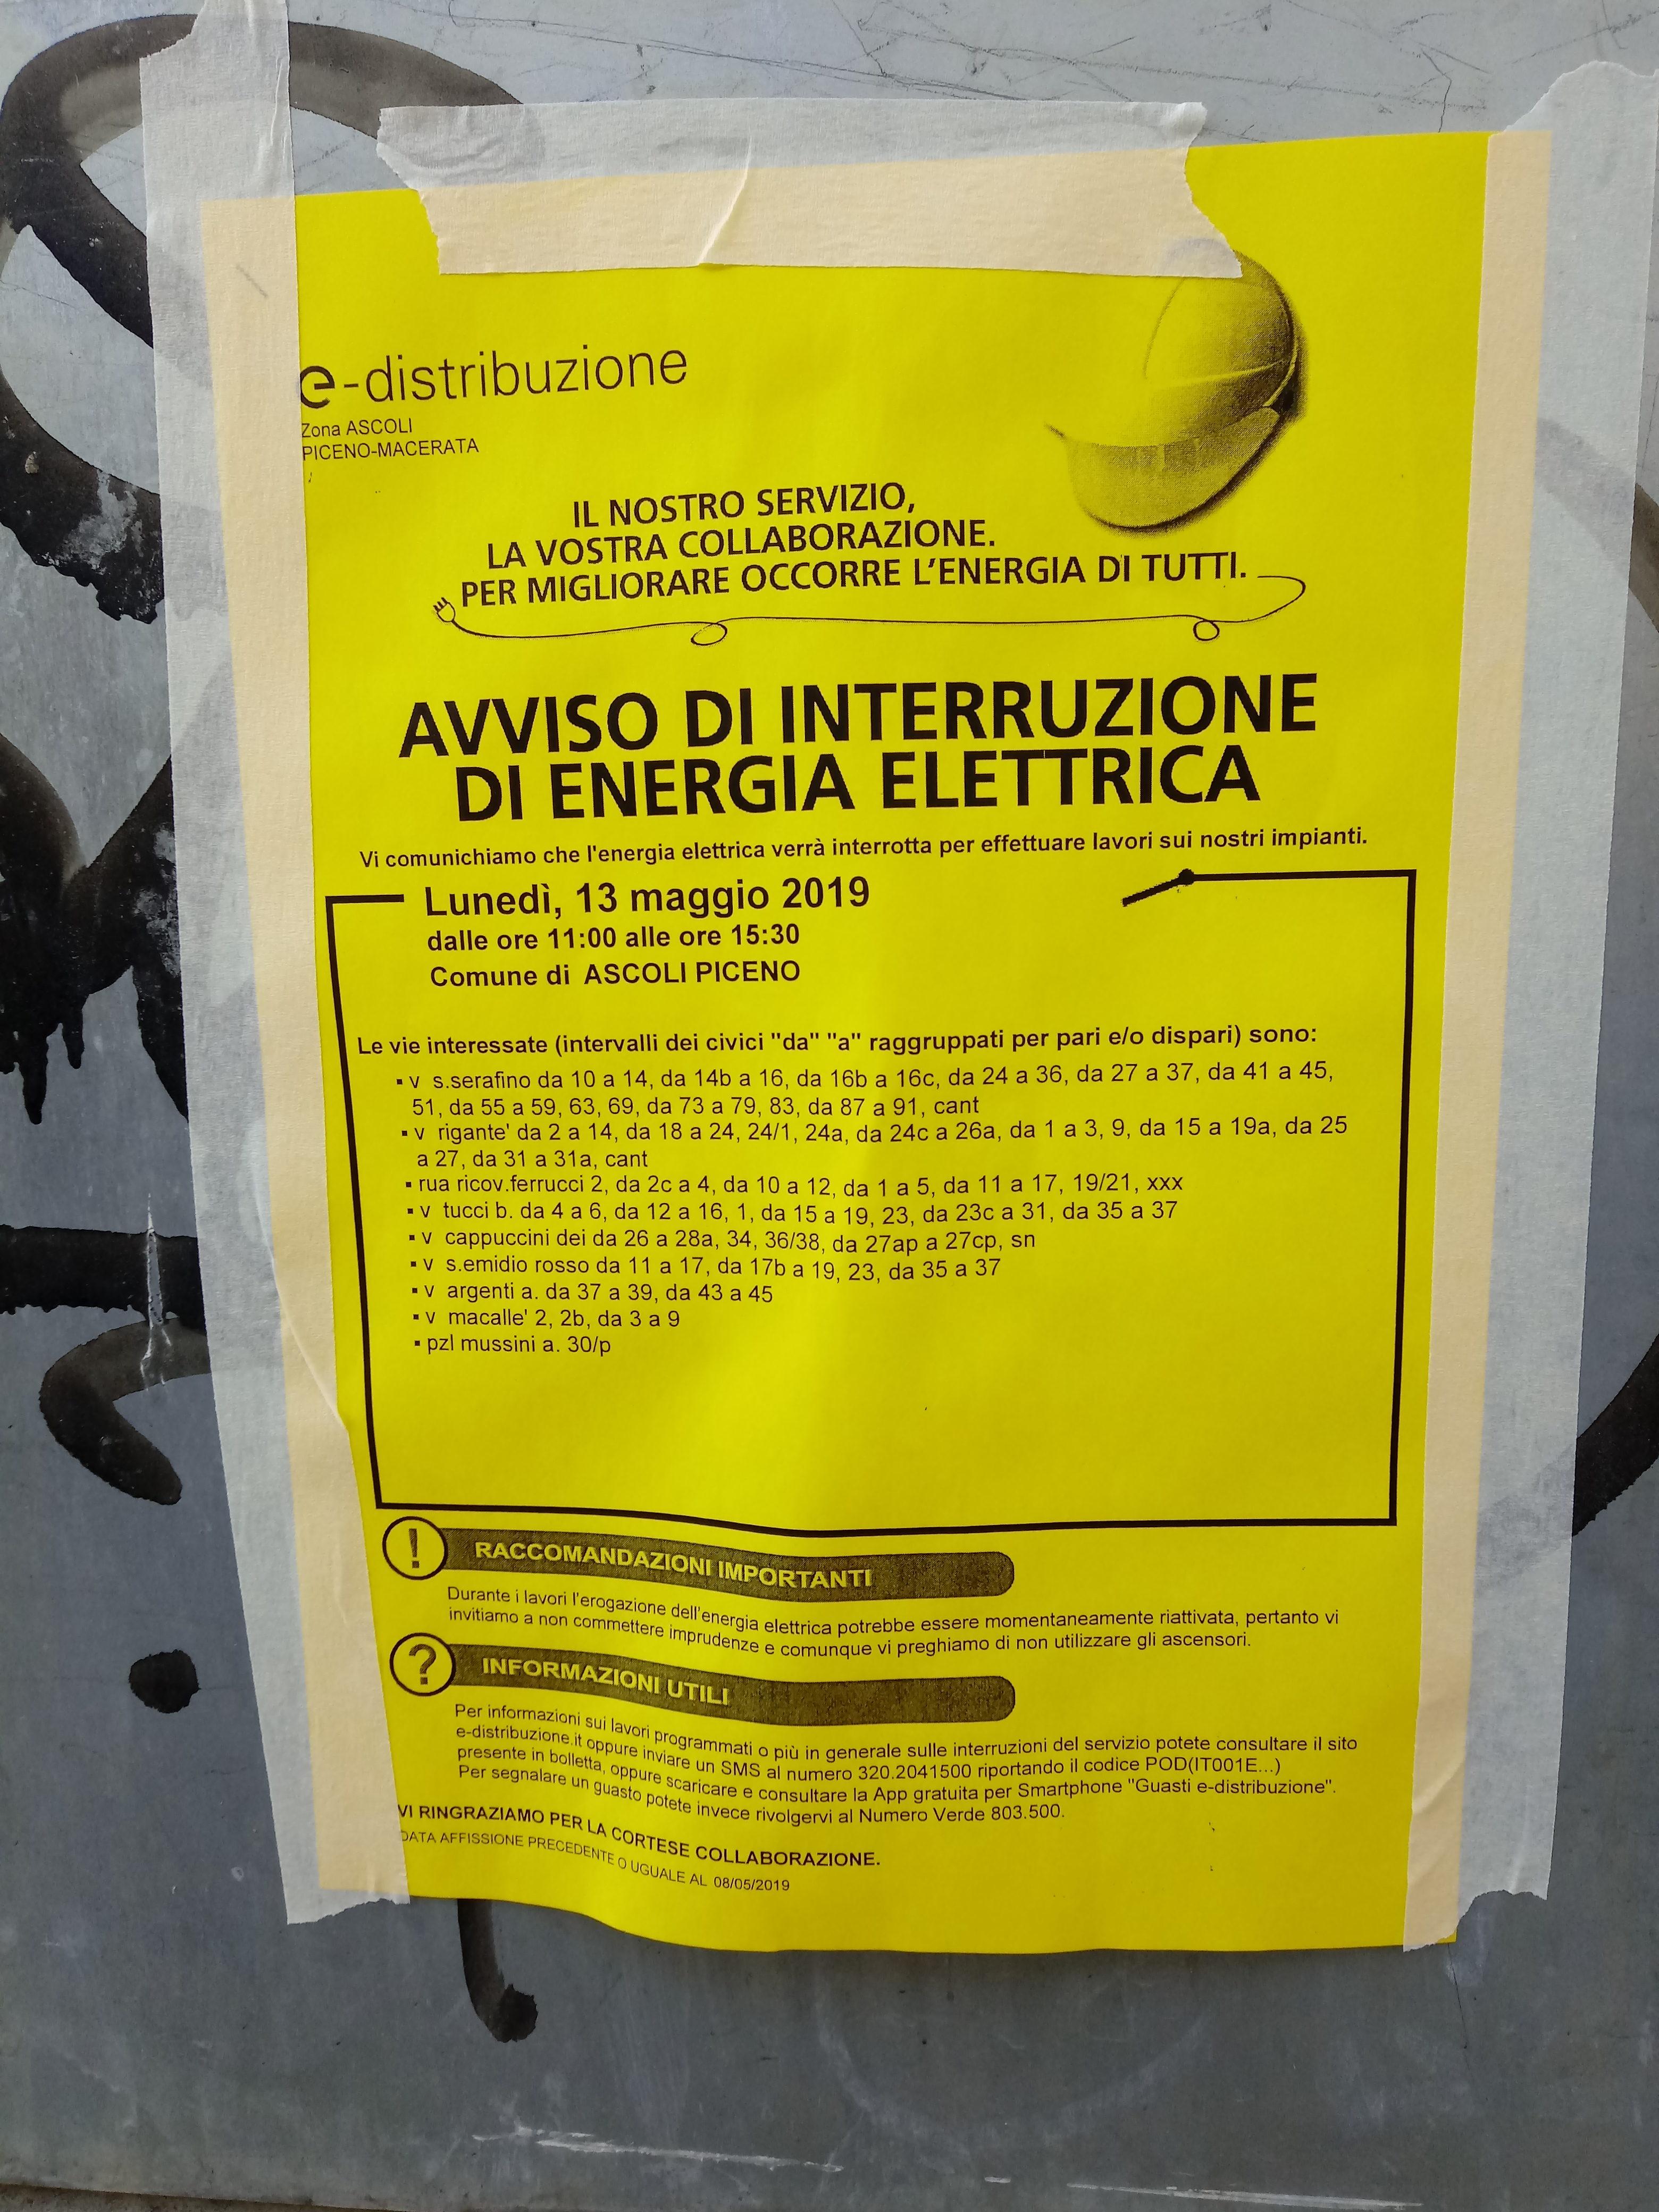 Ascoli Piceno, Avviso interruzione energia elettrica. Enel Luce 13 maggio 2019 (Il Martino - ilmartino -)